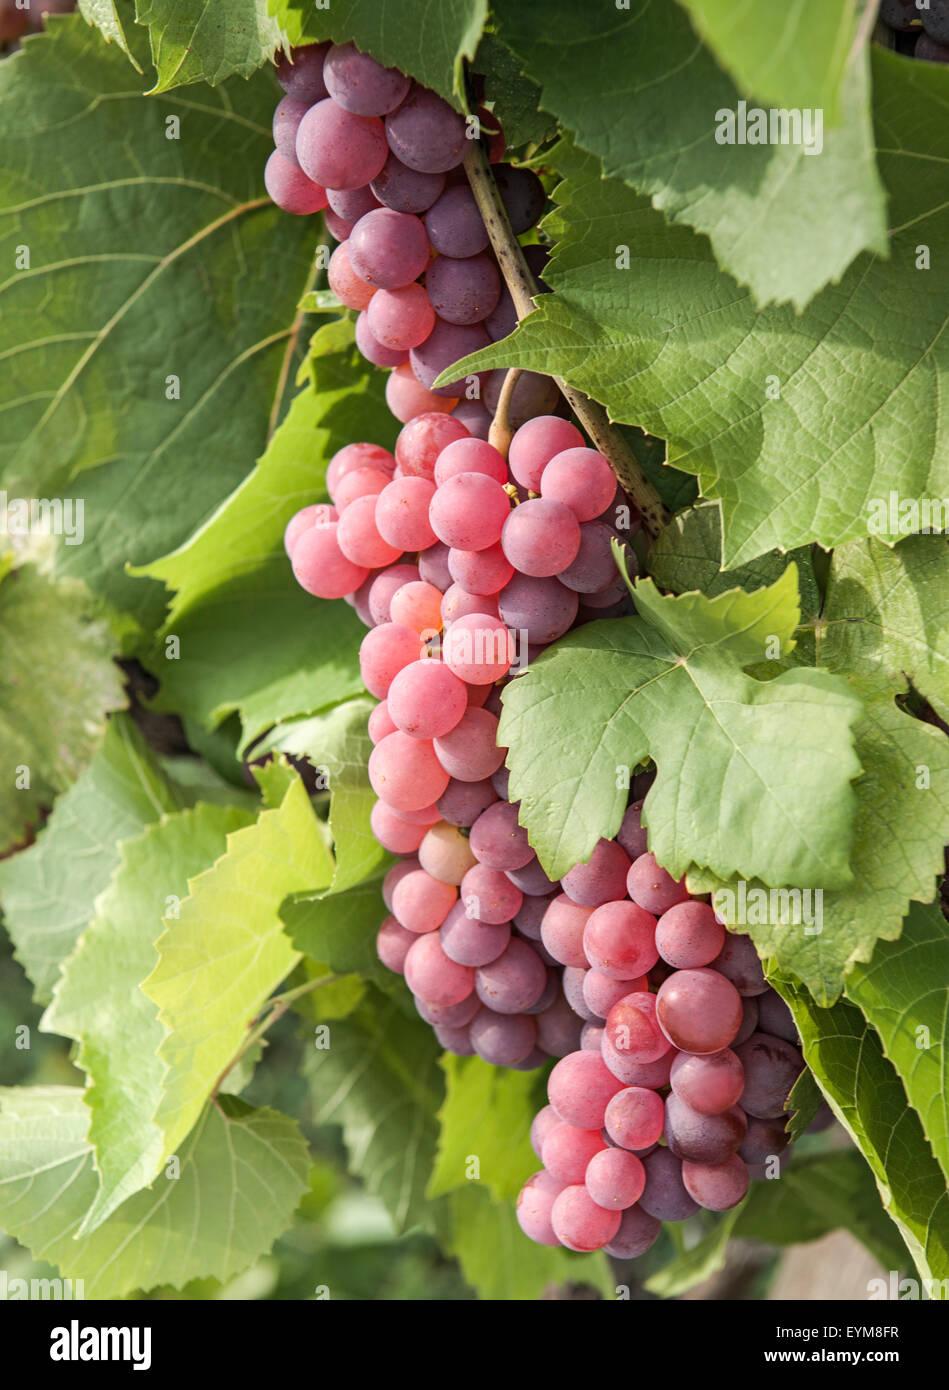 Weintrauben, Gewürztraminer, Weißweinsorte, Blätter, Weingarten, Gumpoldskirchen, Niederösterreich Stock Photo